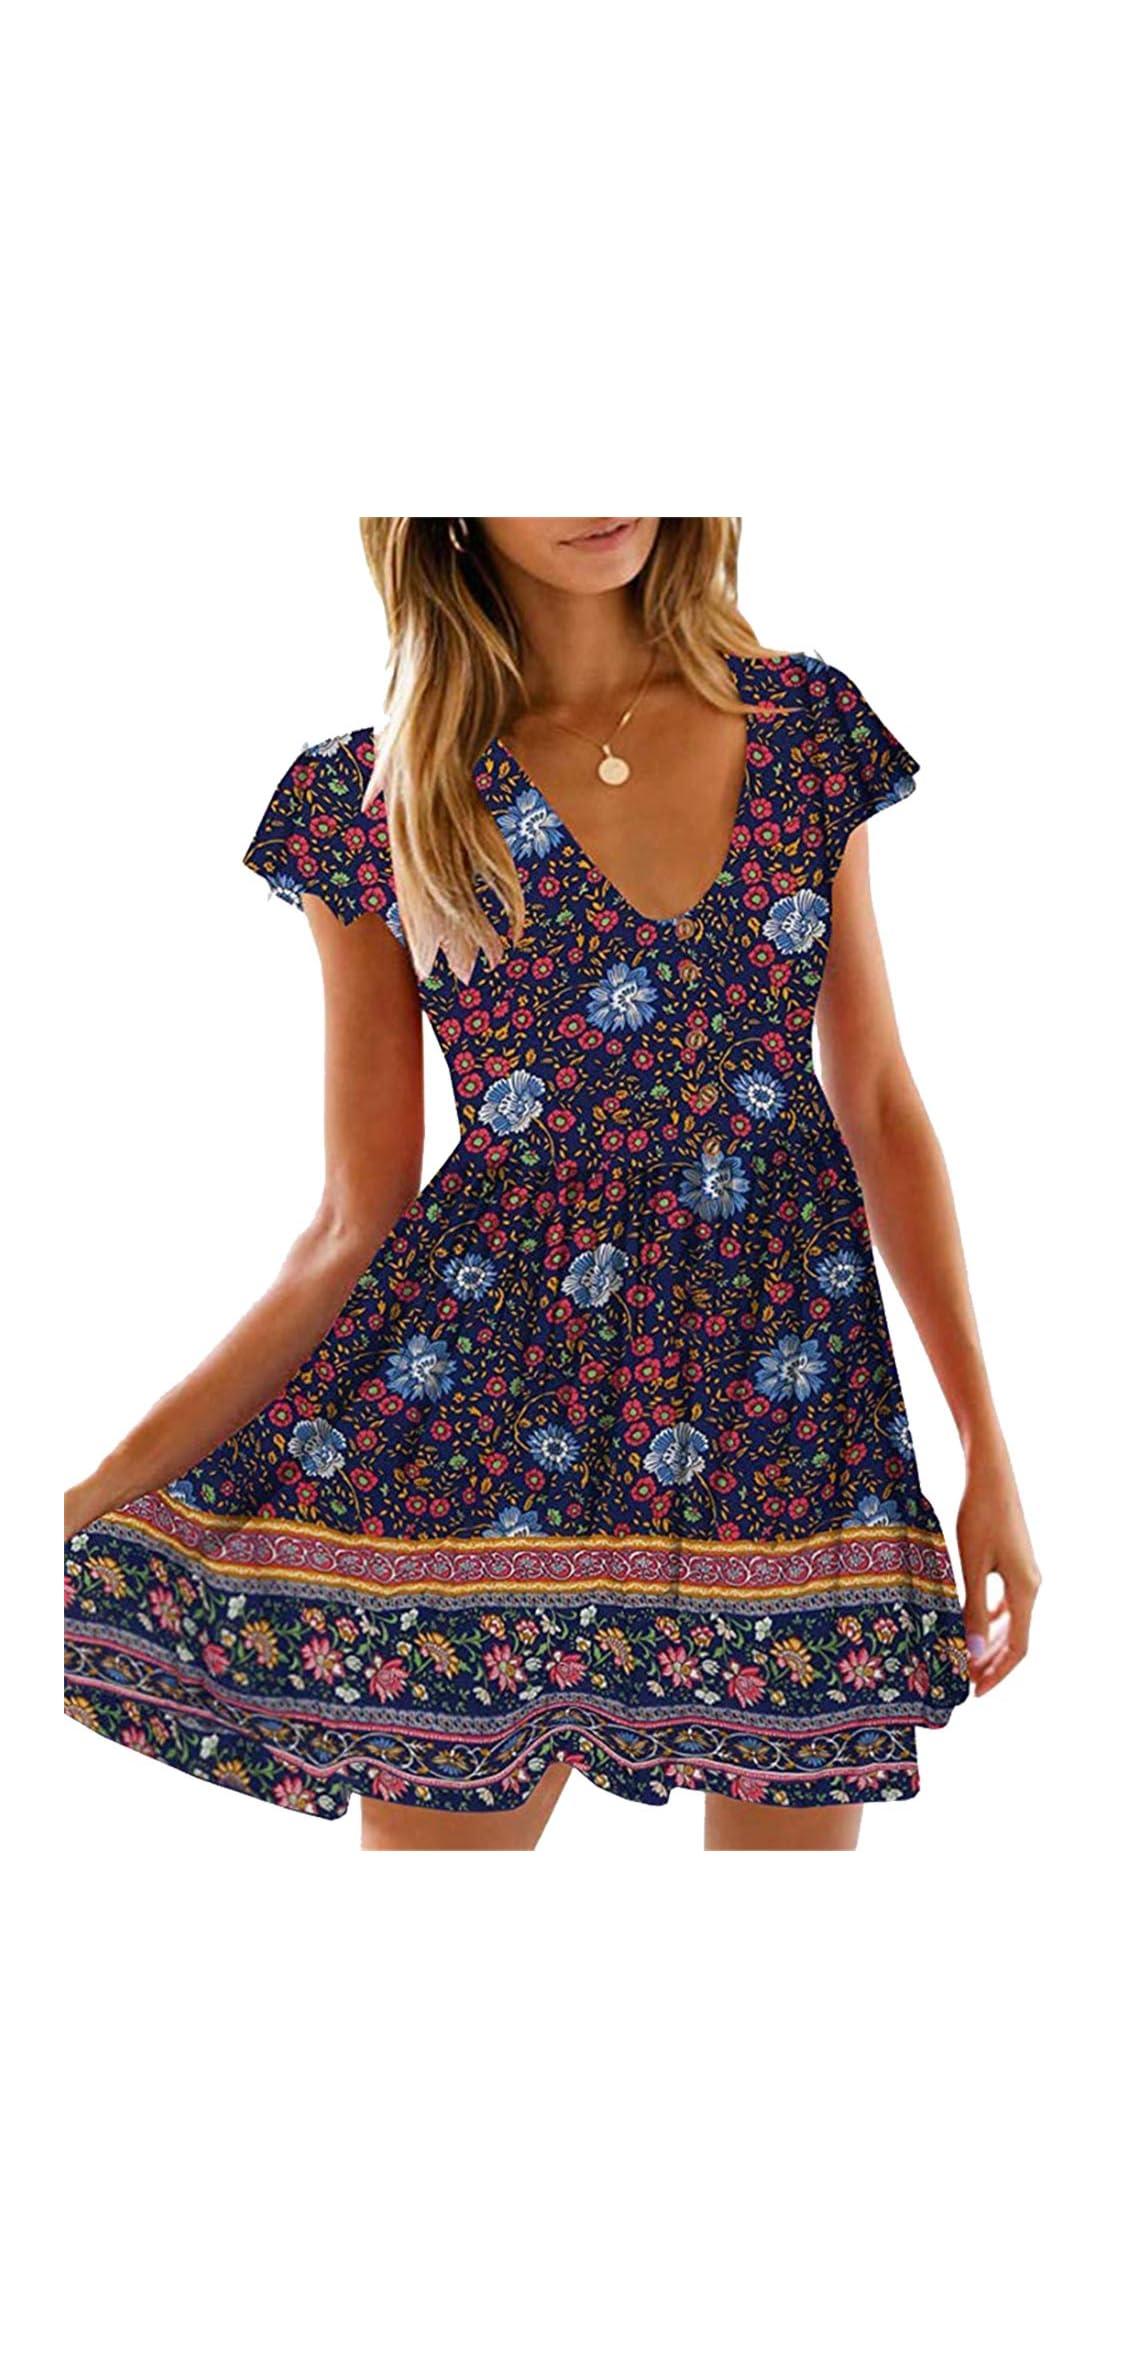 Womens  Summer Hot Short Sleeve V-neck High Waist